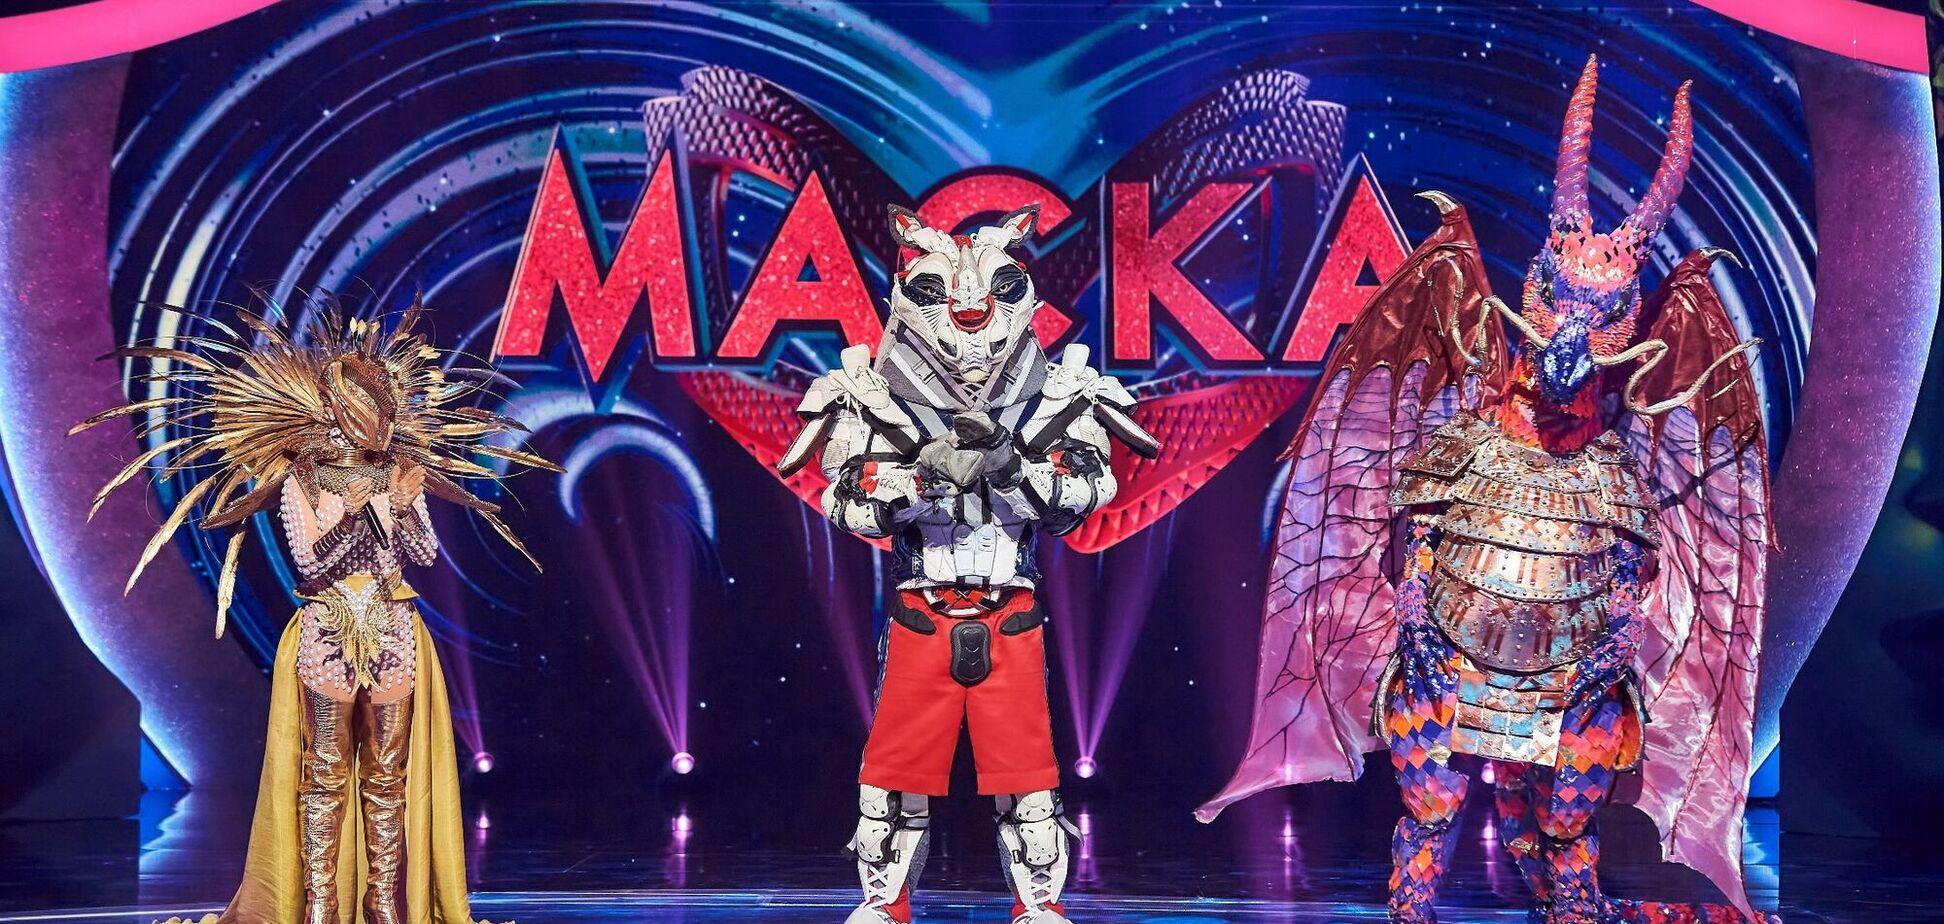 Відбудеться фінал шоу 'Маска': що очікувати від останнього випуску